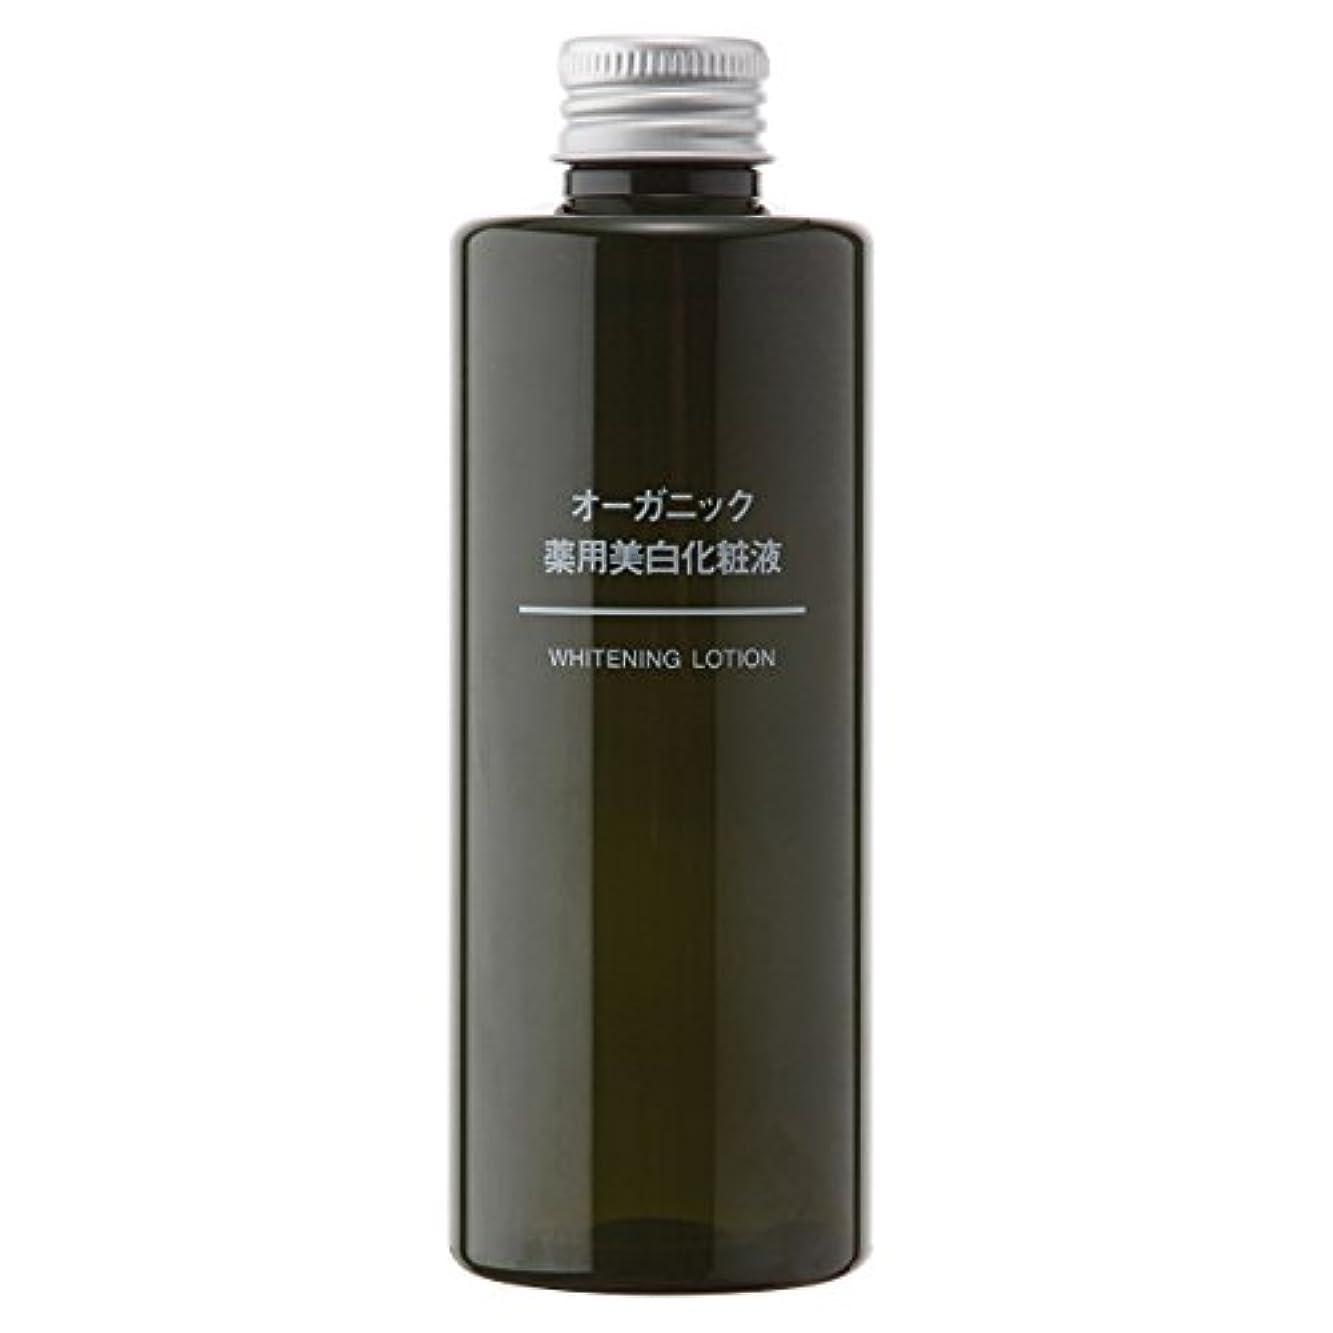 汚物大理石徐々に無印良品 オーガニック薬用美白化粧液 200ml